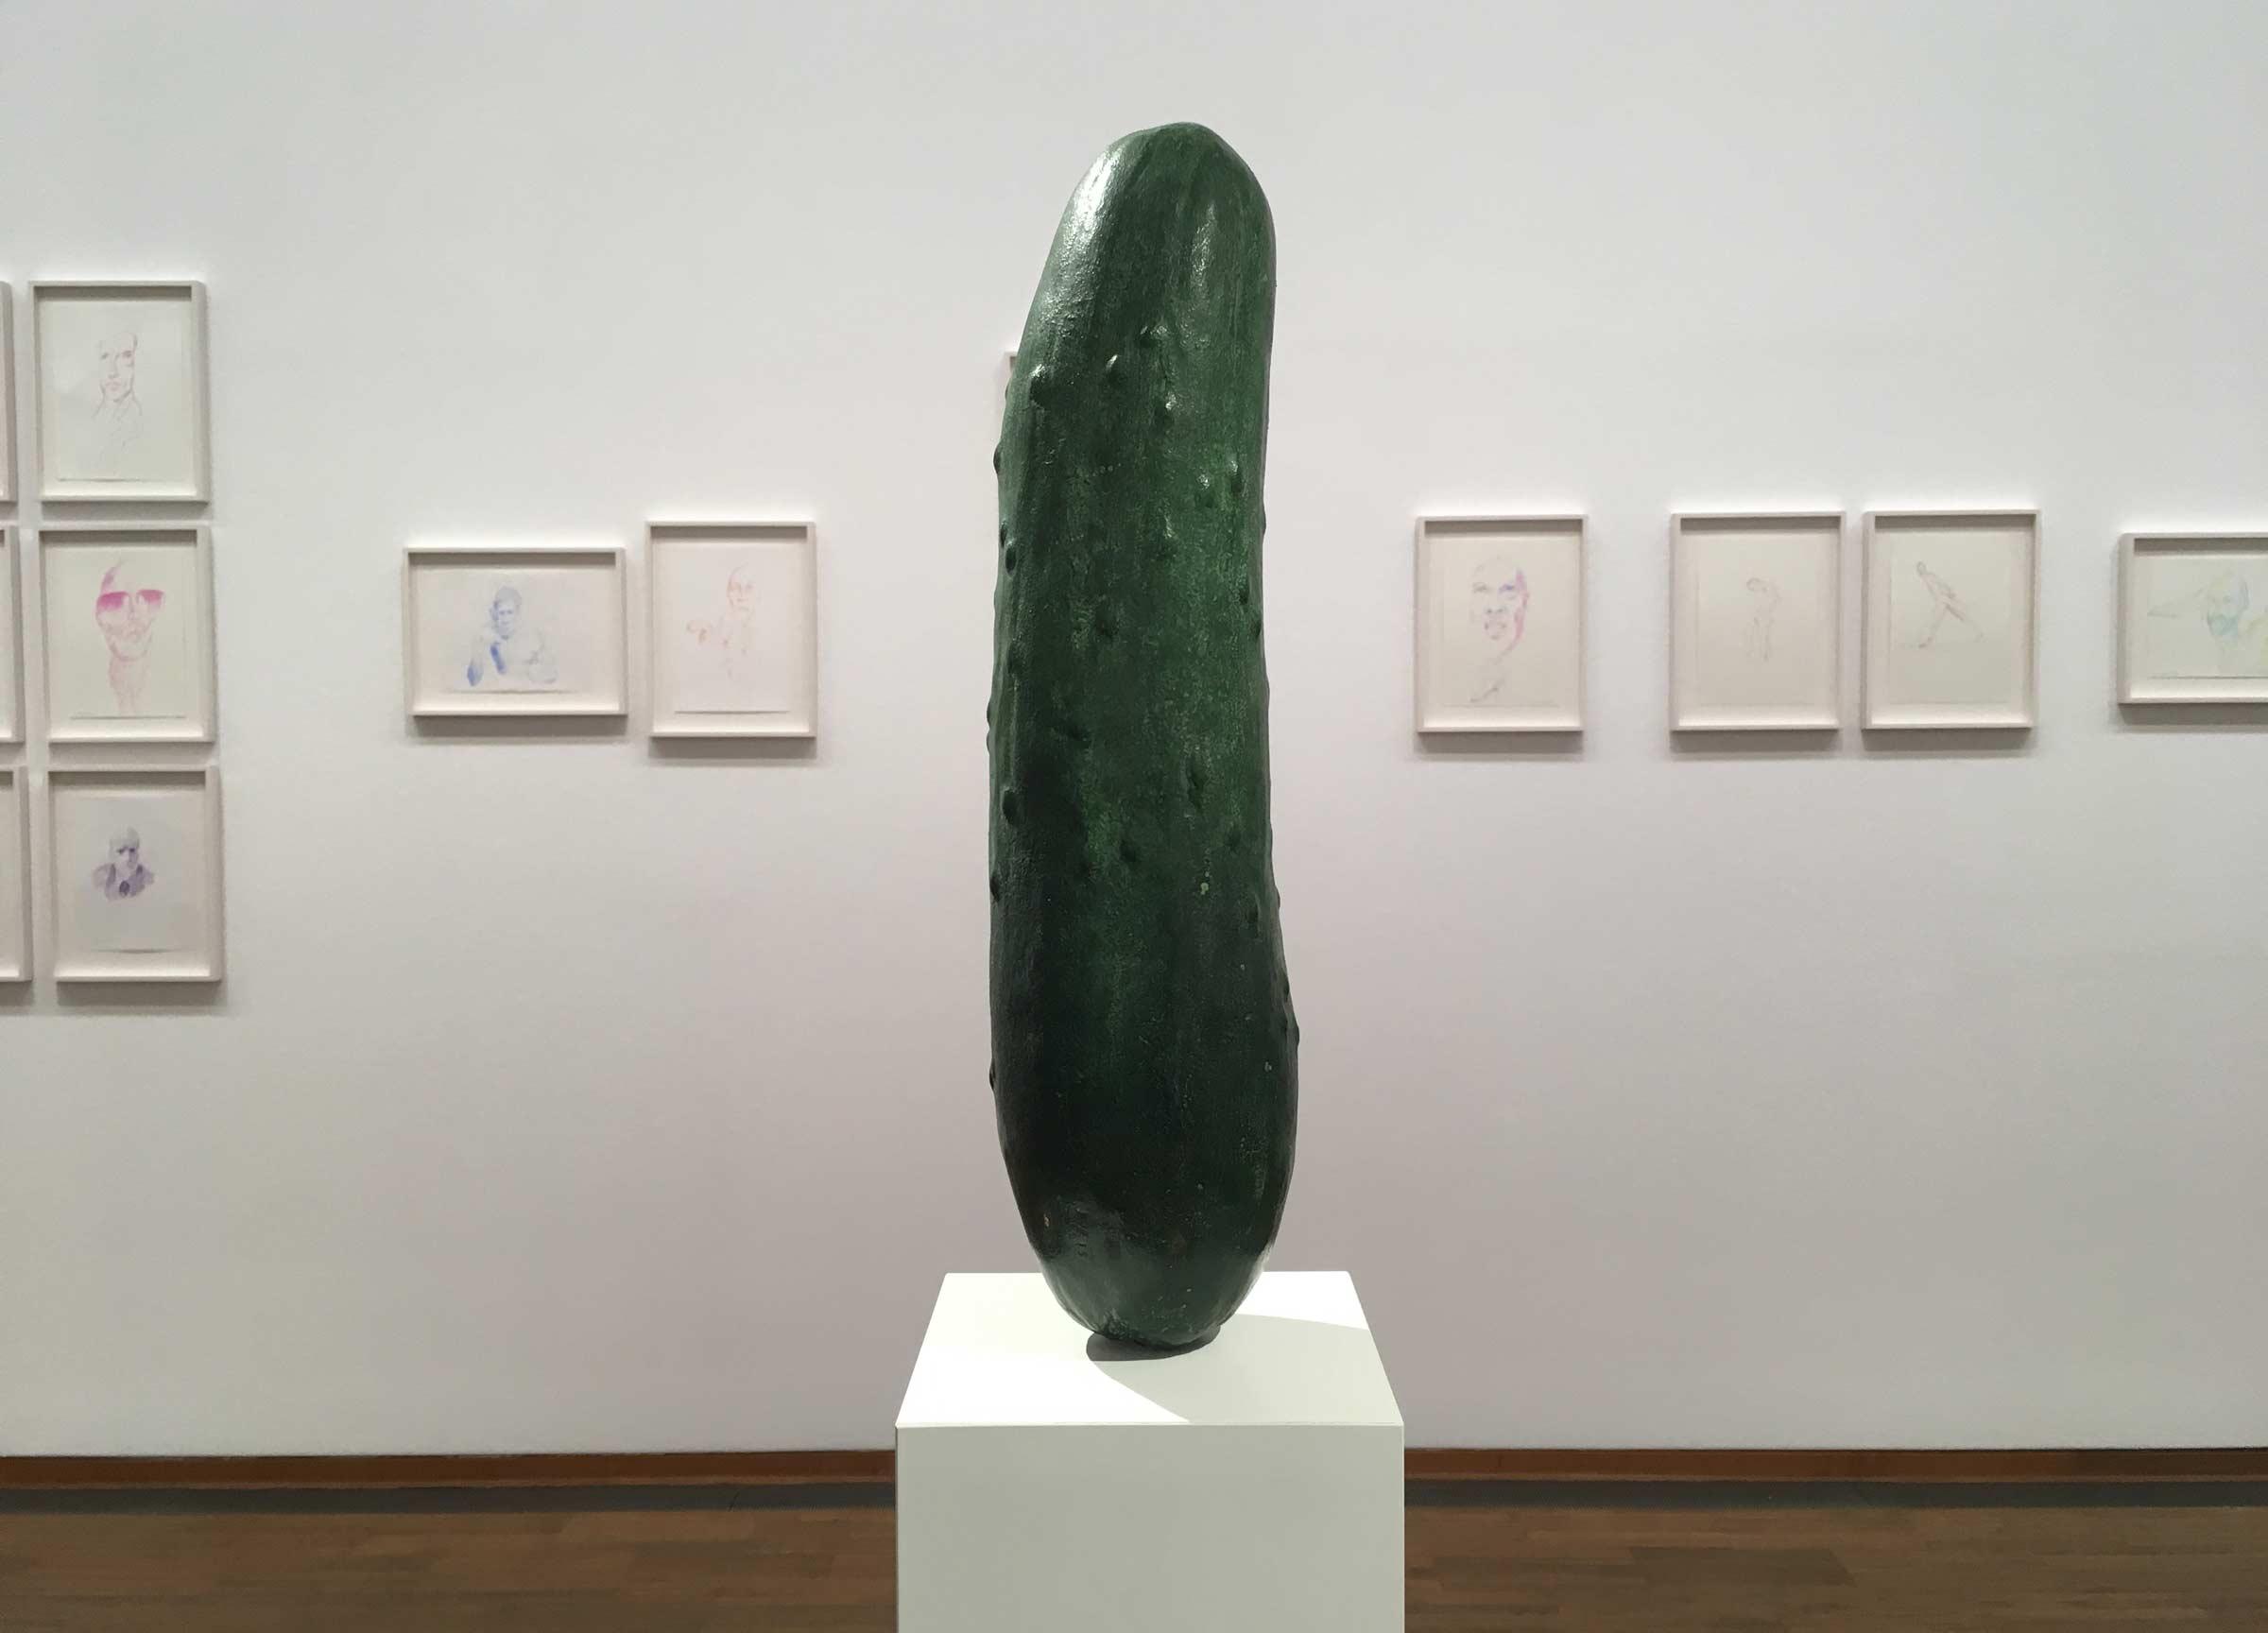 überdimensionierte Essiggurkerl-Skulptur von Erwin Wurm